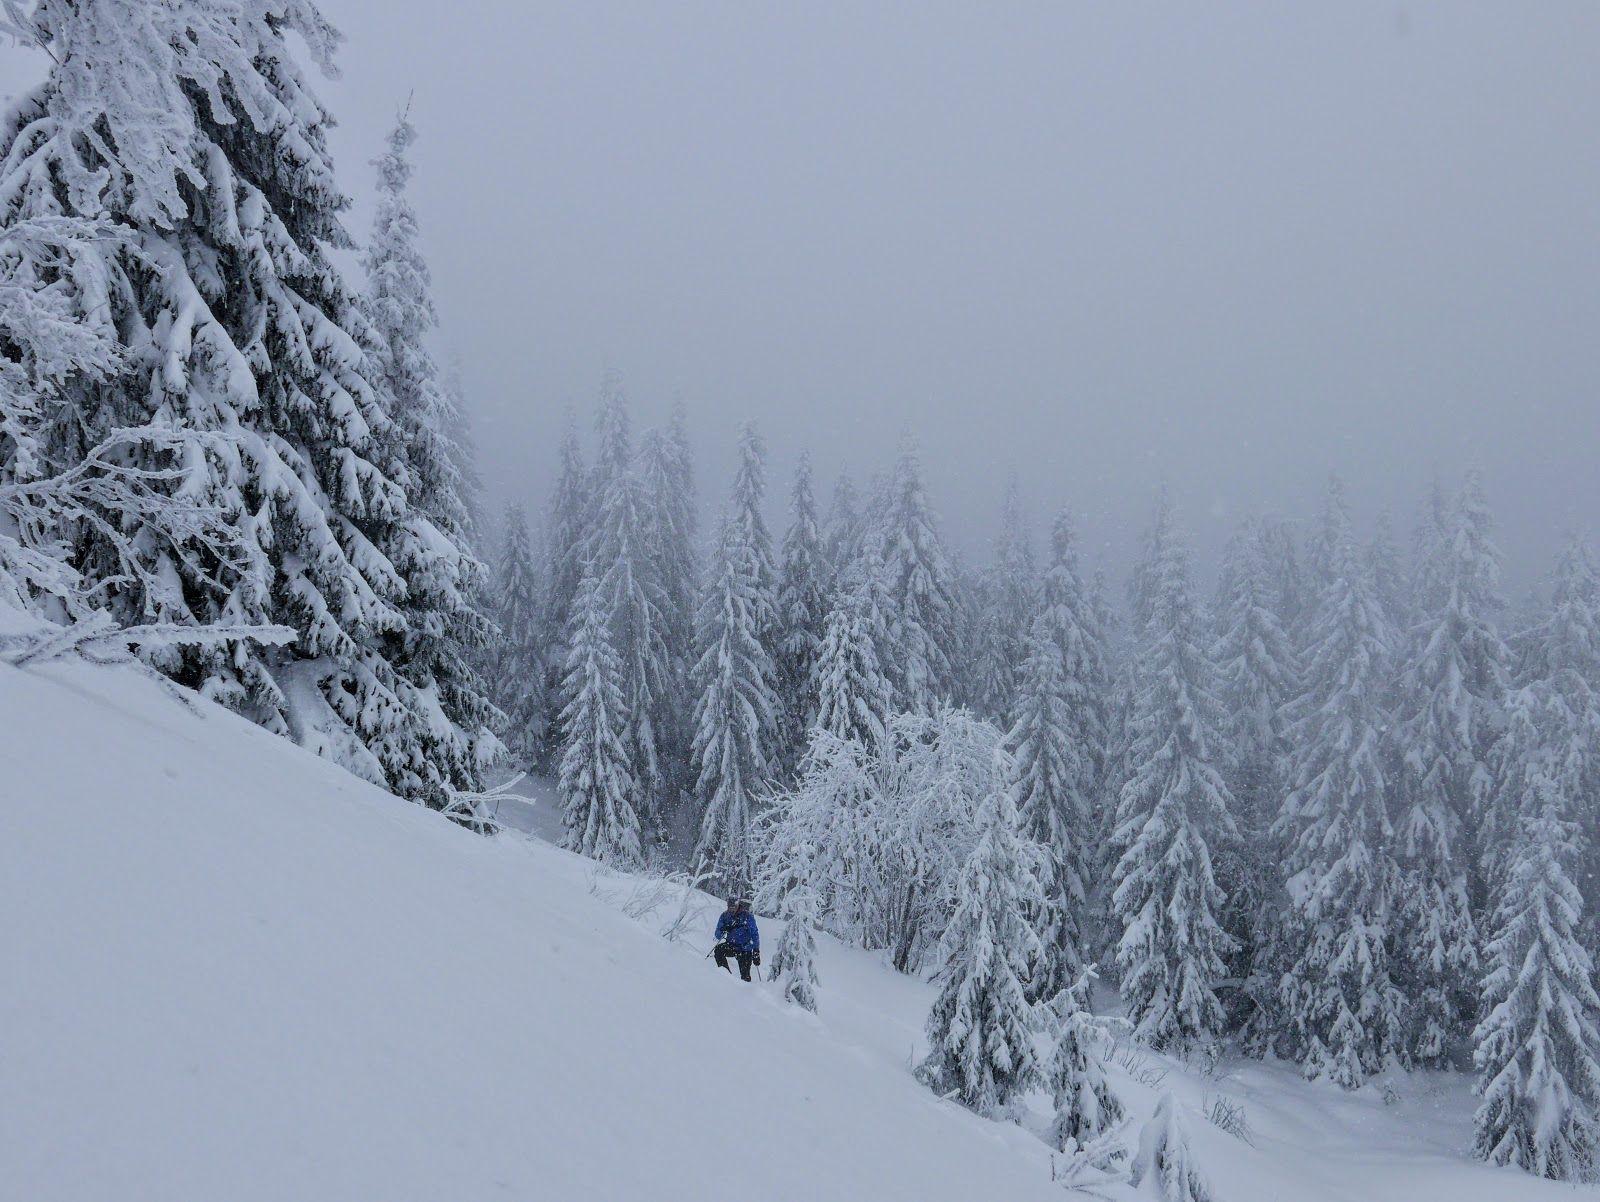 Z Gorami W Tle Beskid Zywiecki W Zimowej Odslonie Pilsko W Patri Snow Outdoor